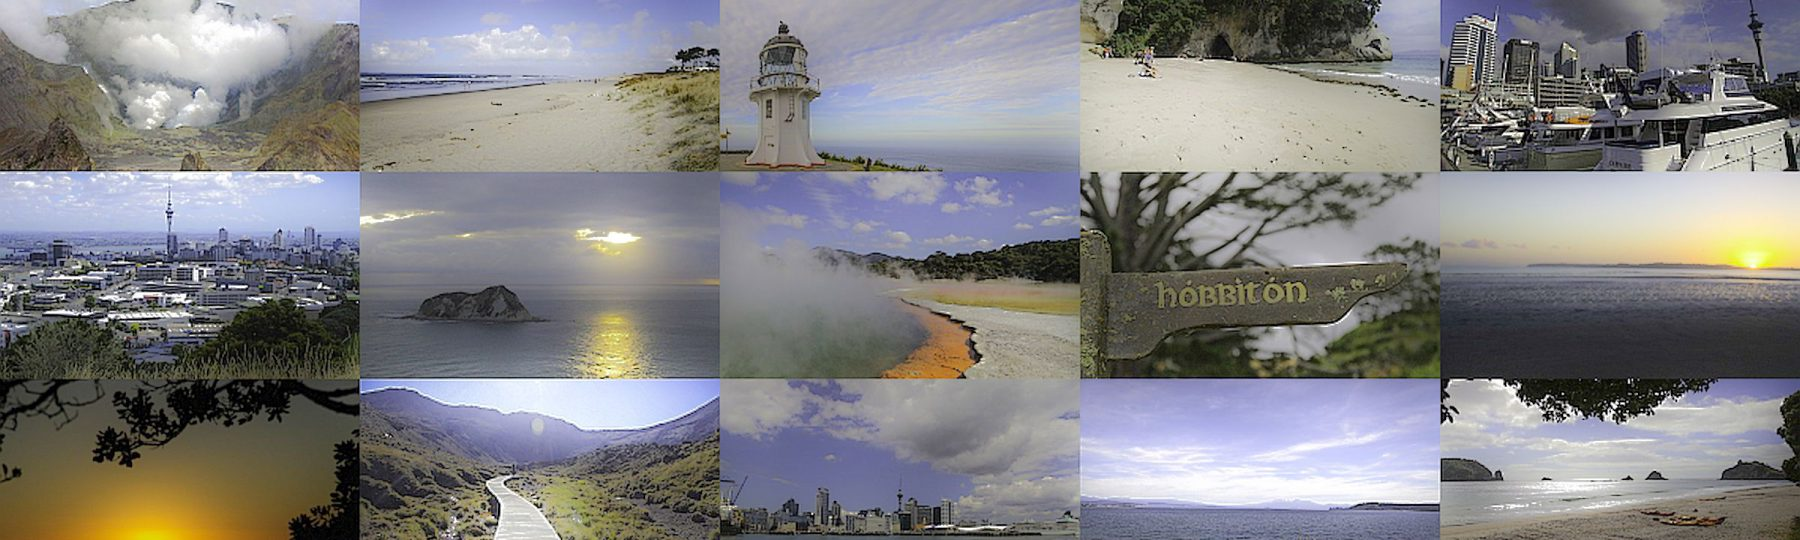 unterschiedliche Fotoansichten aus Neuseeland